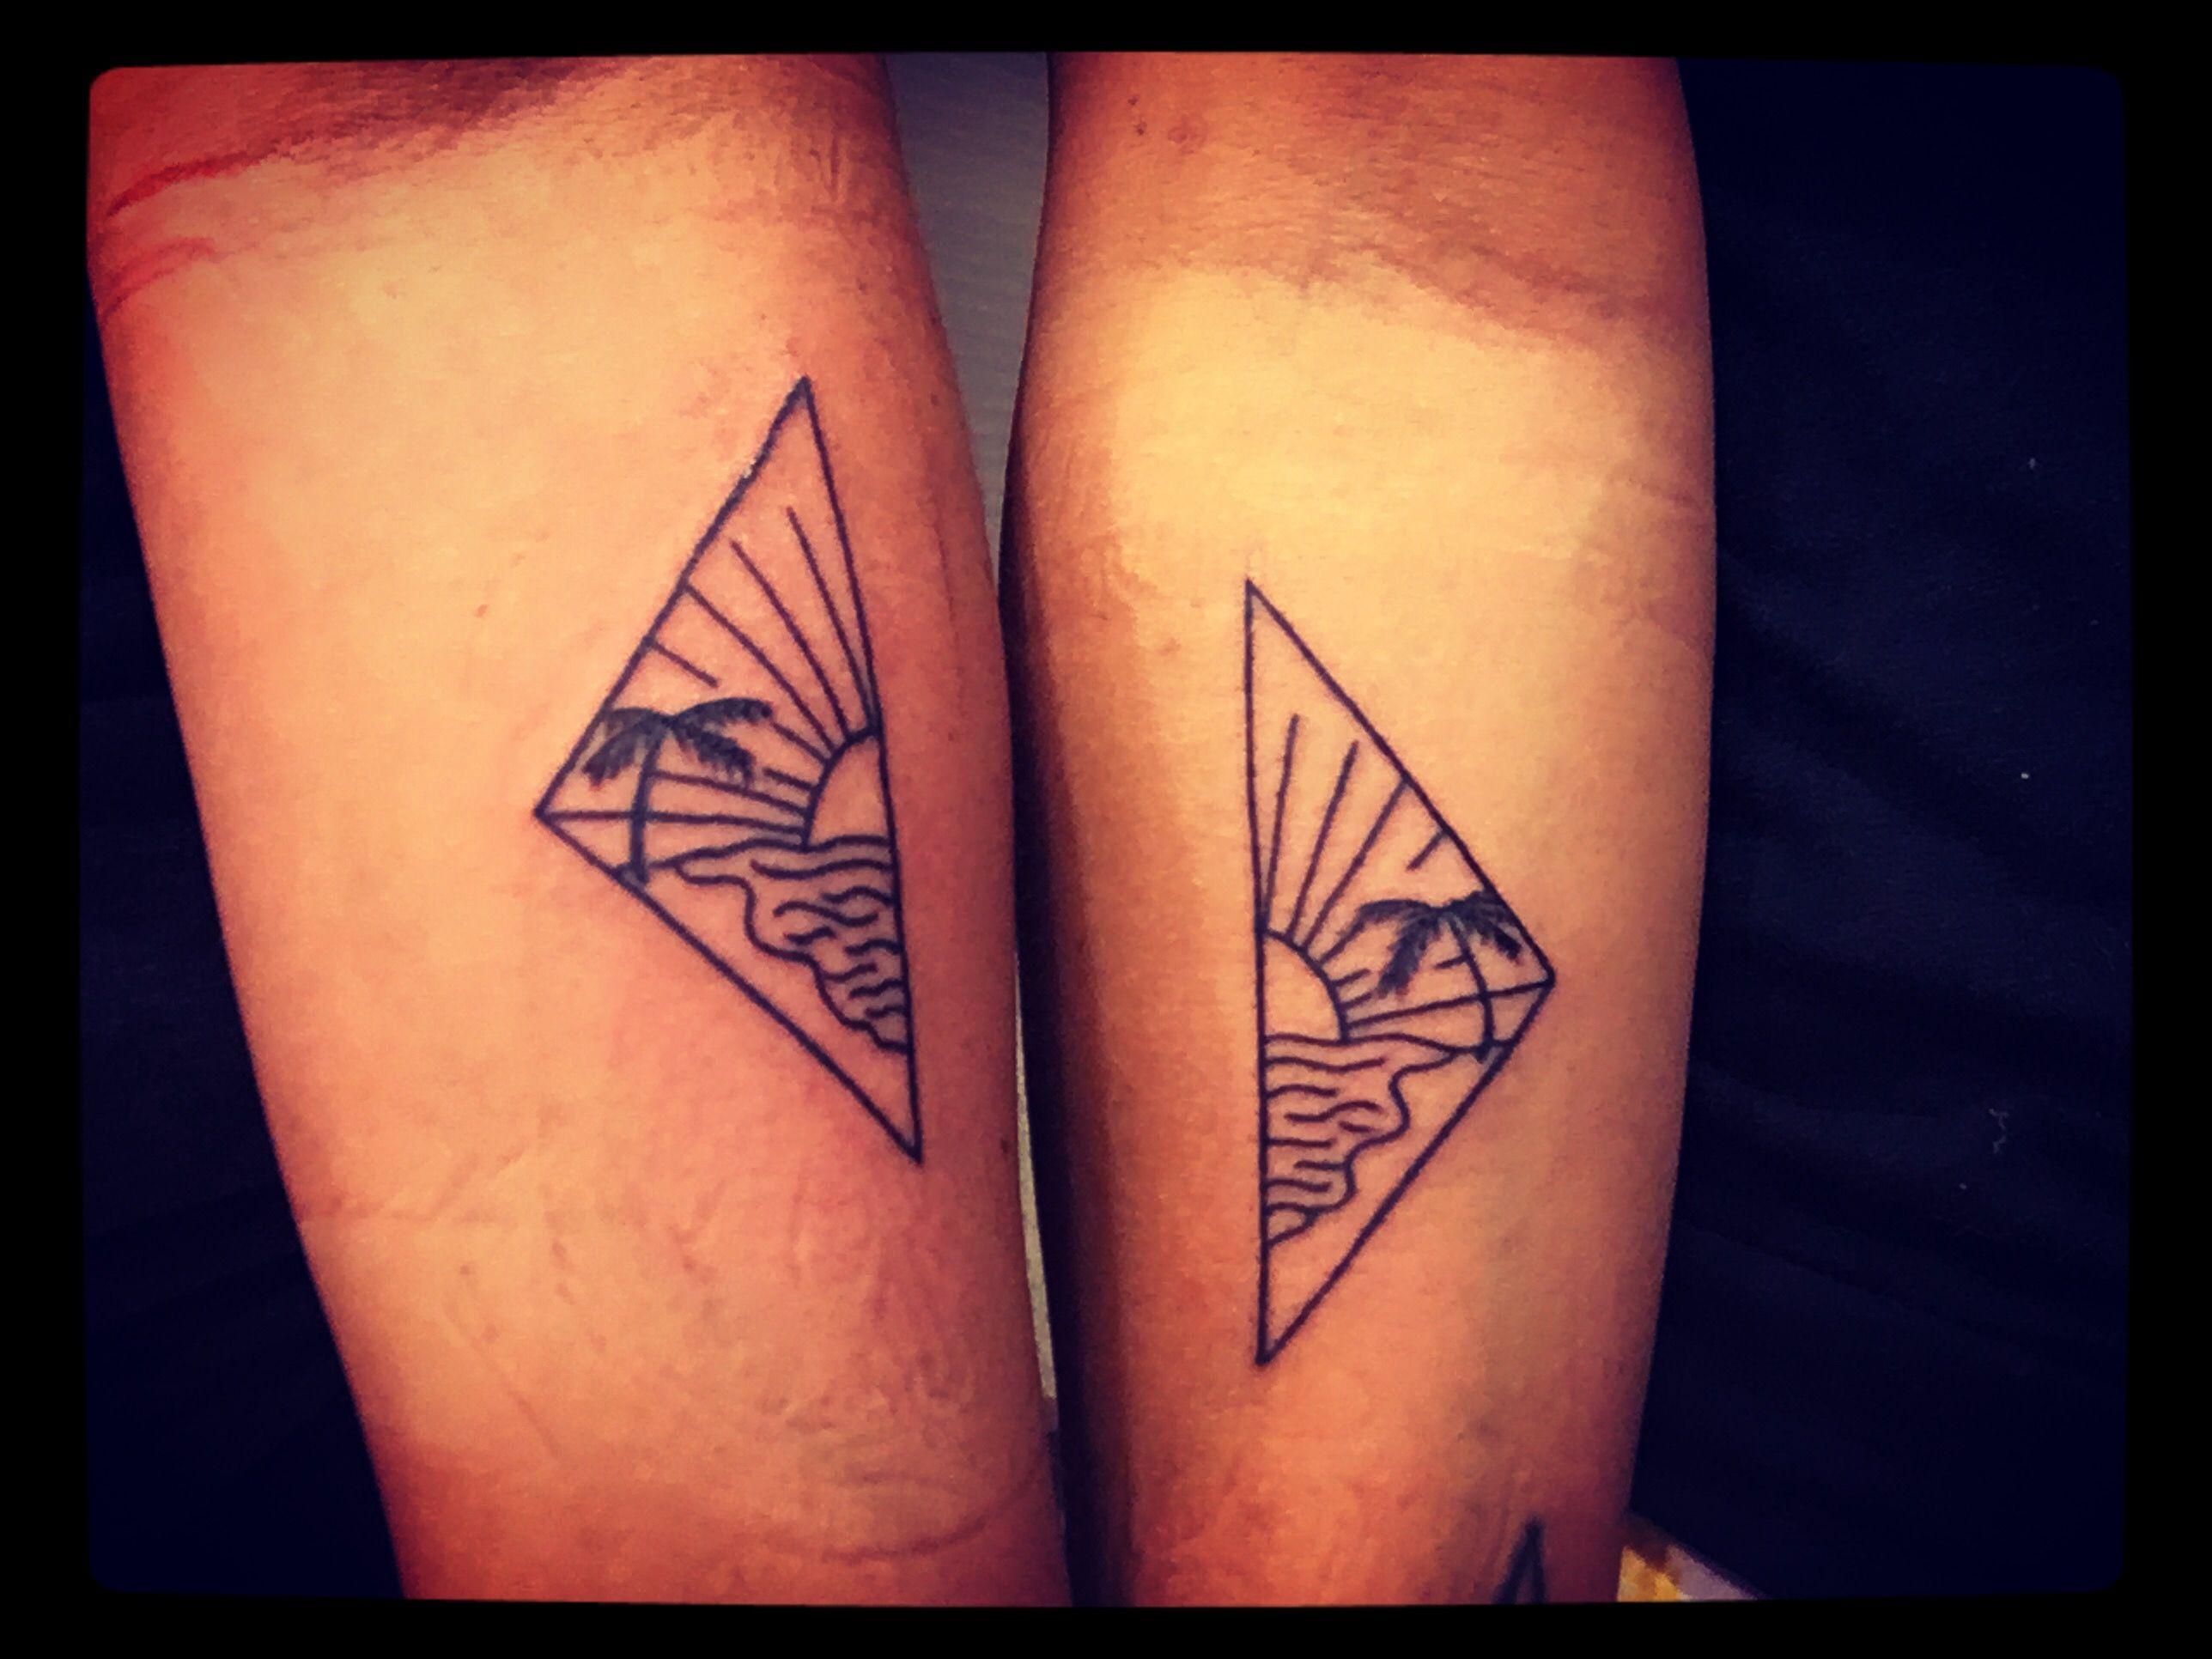 Best Friend Beach Tattoos Friend Tattoos Matching Bff Tattoos